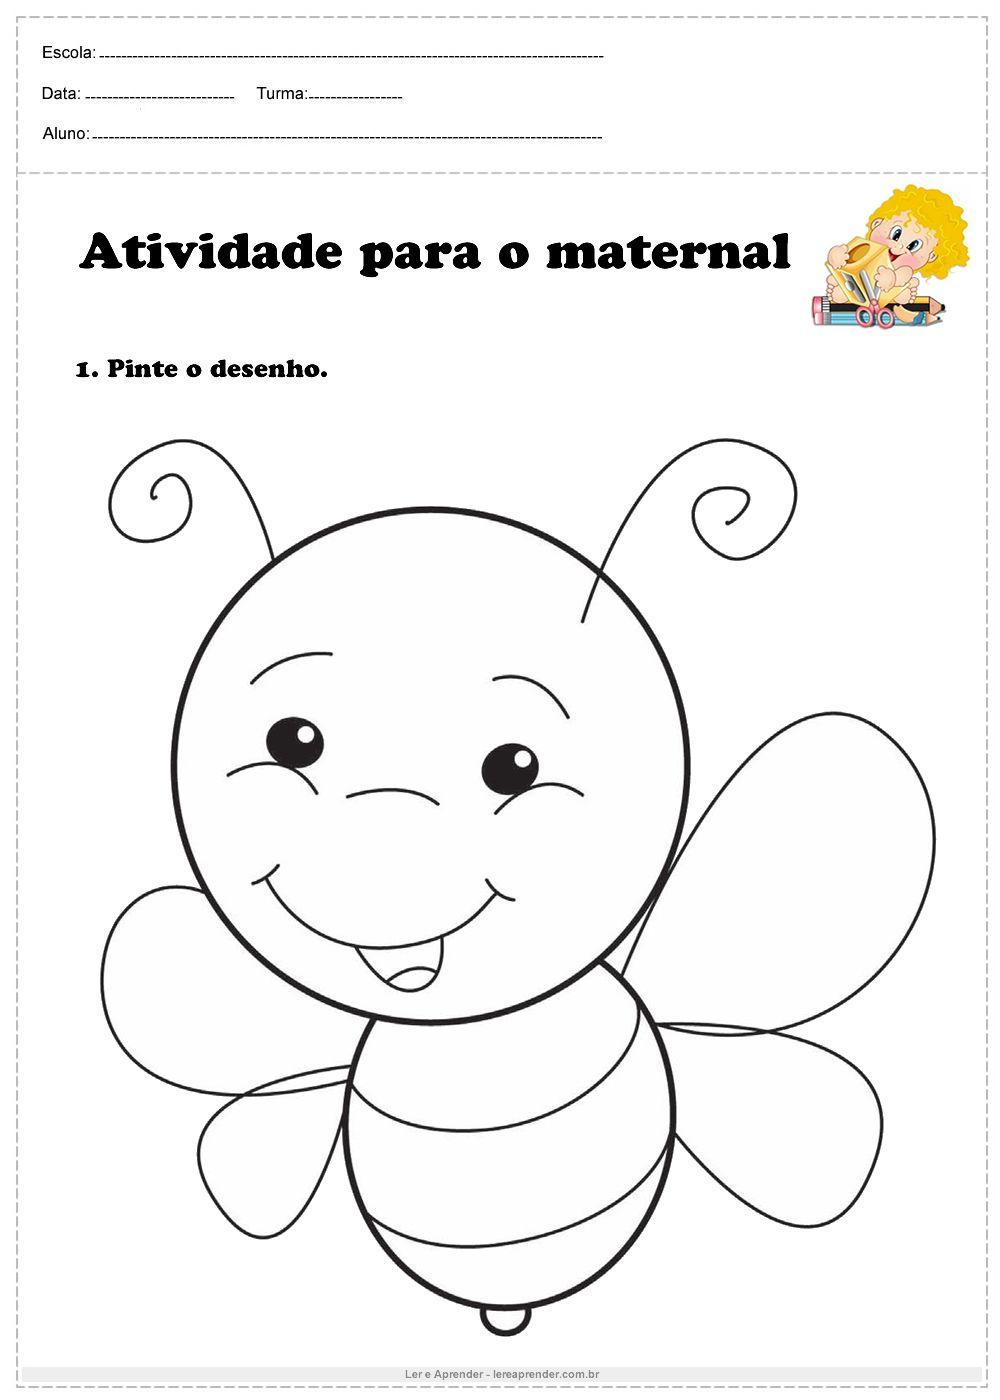 Atividade Para O Maternal Pinte O Desenho Atividades Para